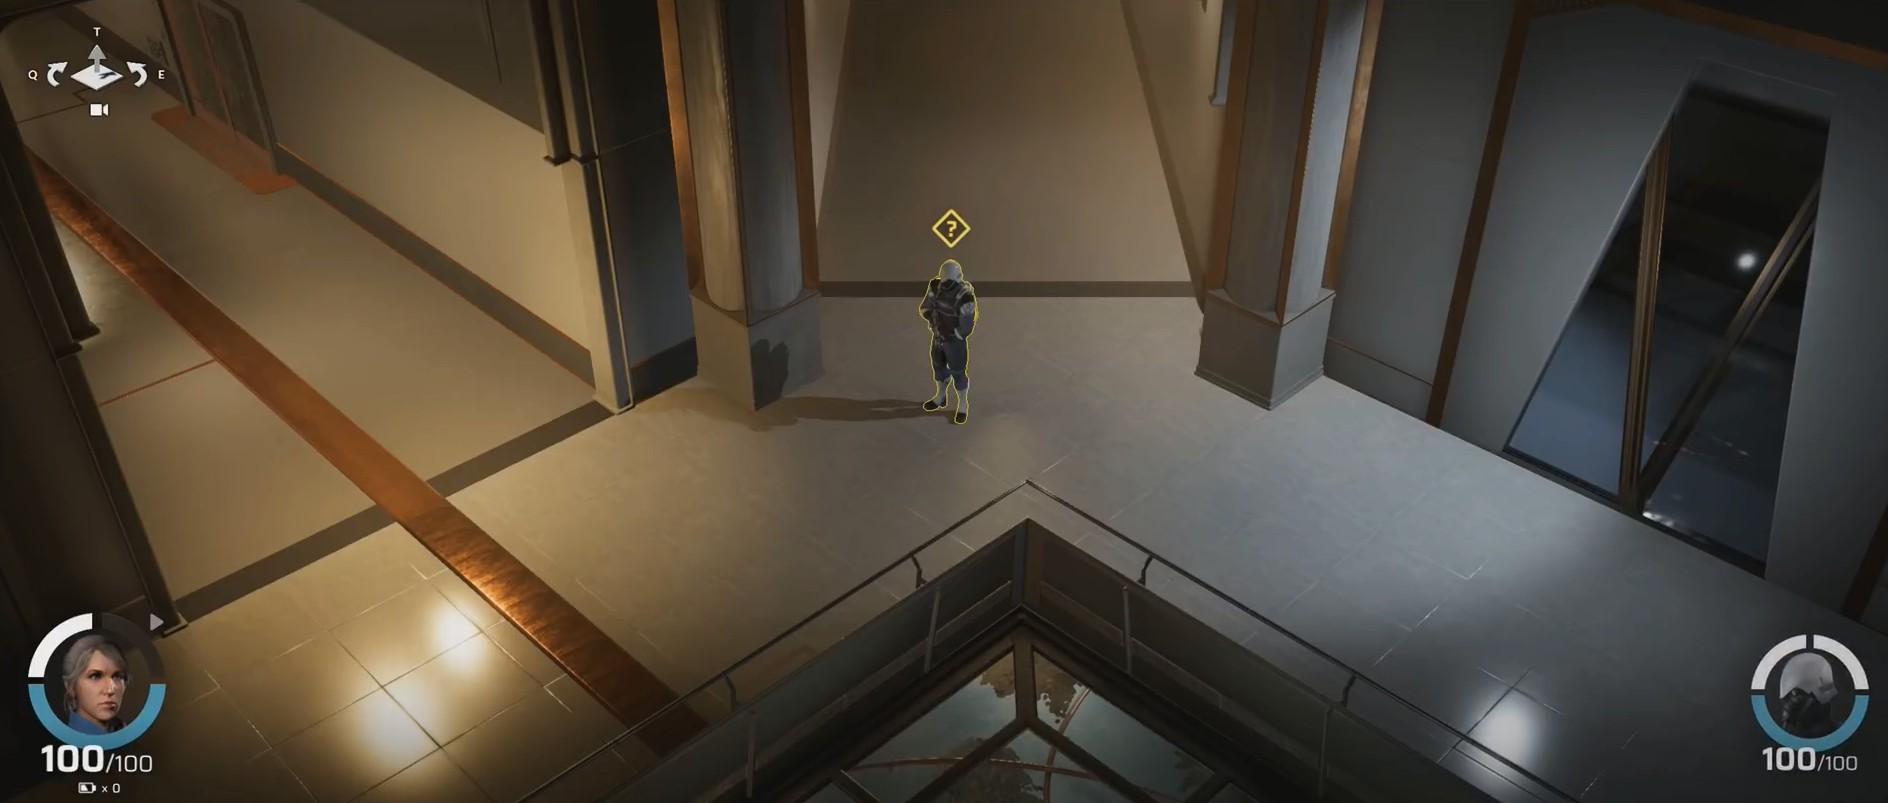 玩法多样 冒险解谜RPG《映像之雨》最新演示